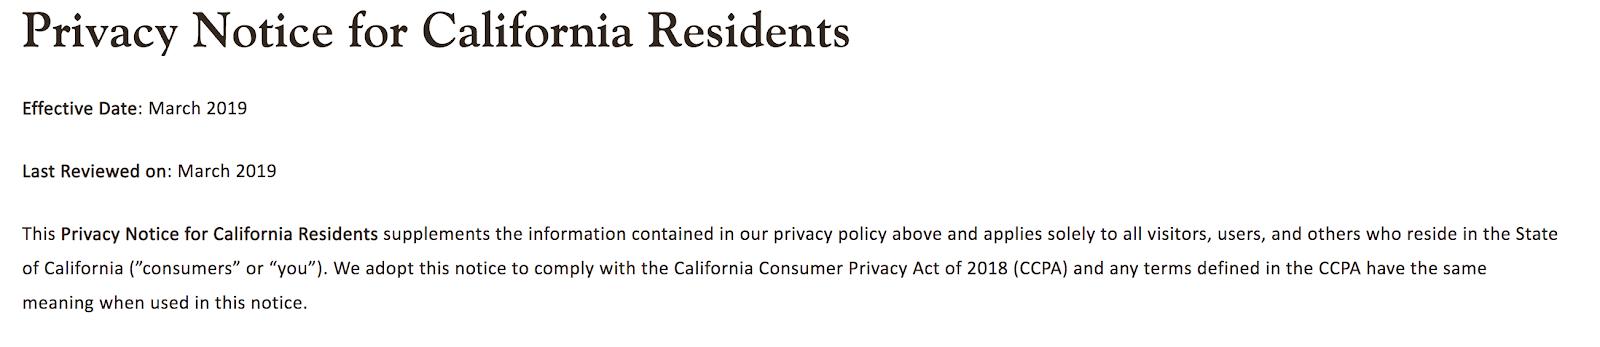 Avis de confidentialité spécifique à la Californie